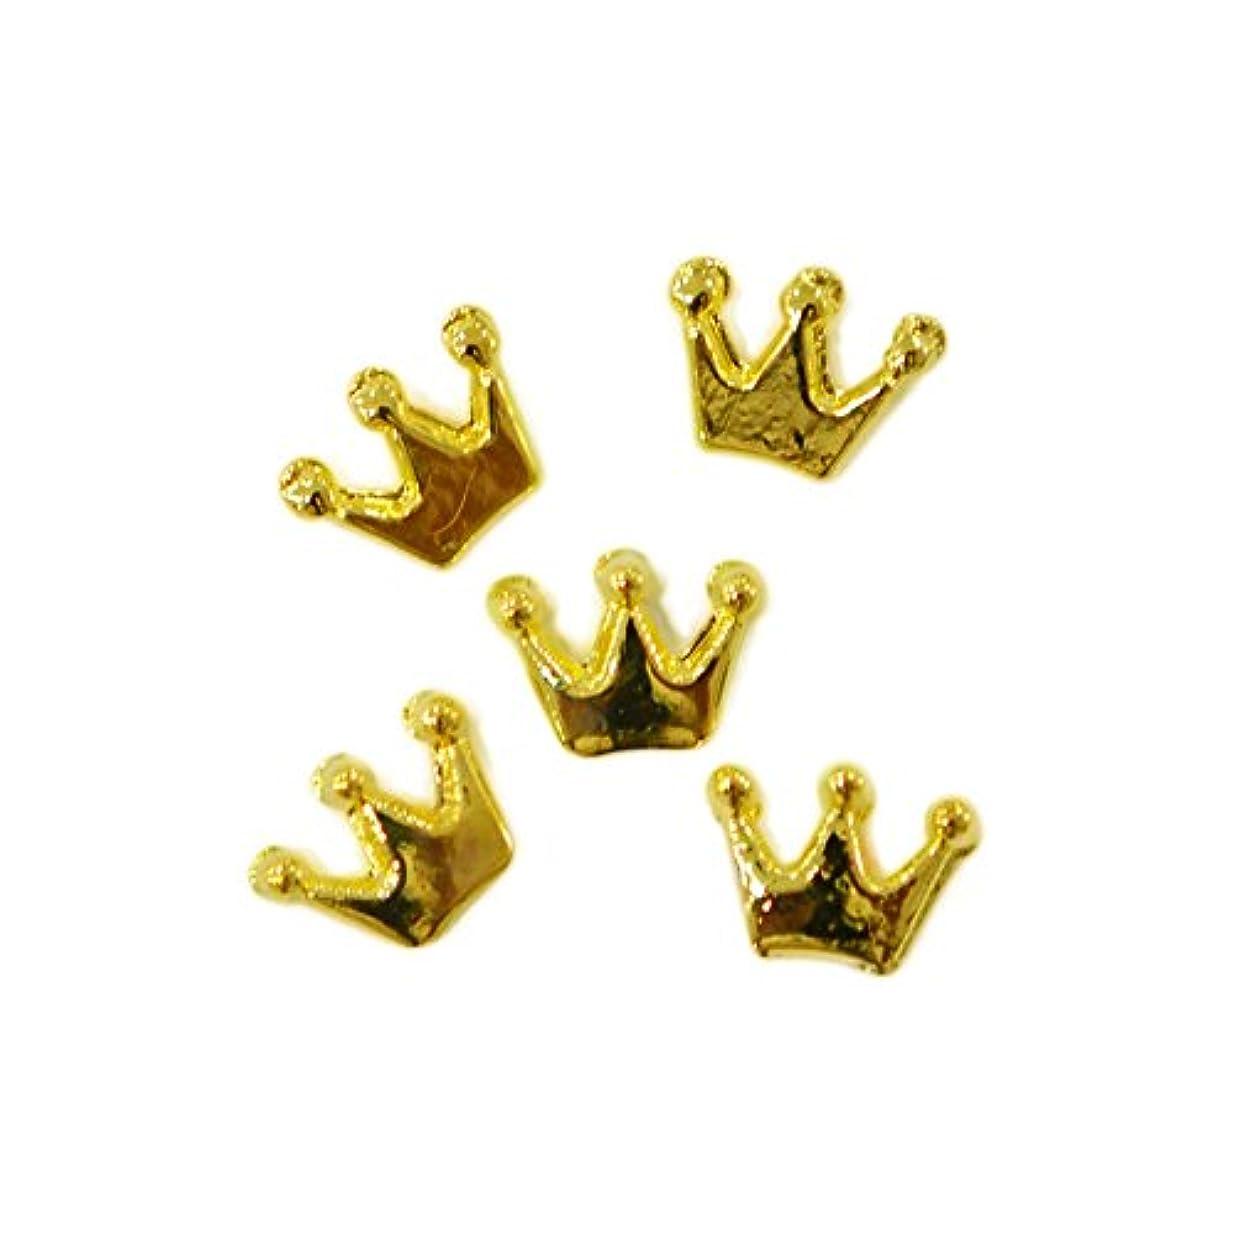 損失アルバニー気難しいメタルパーツ crown 6mm×4mm ゴールド 5個 MP10158 王冠